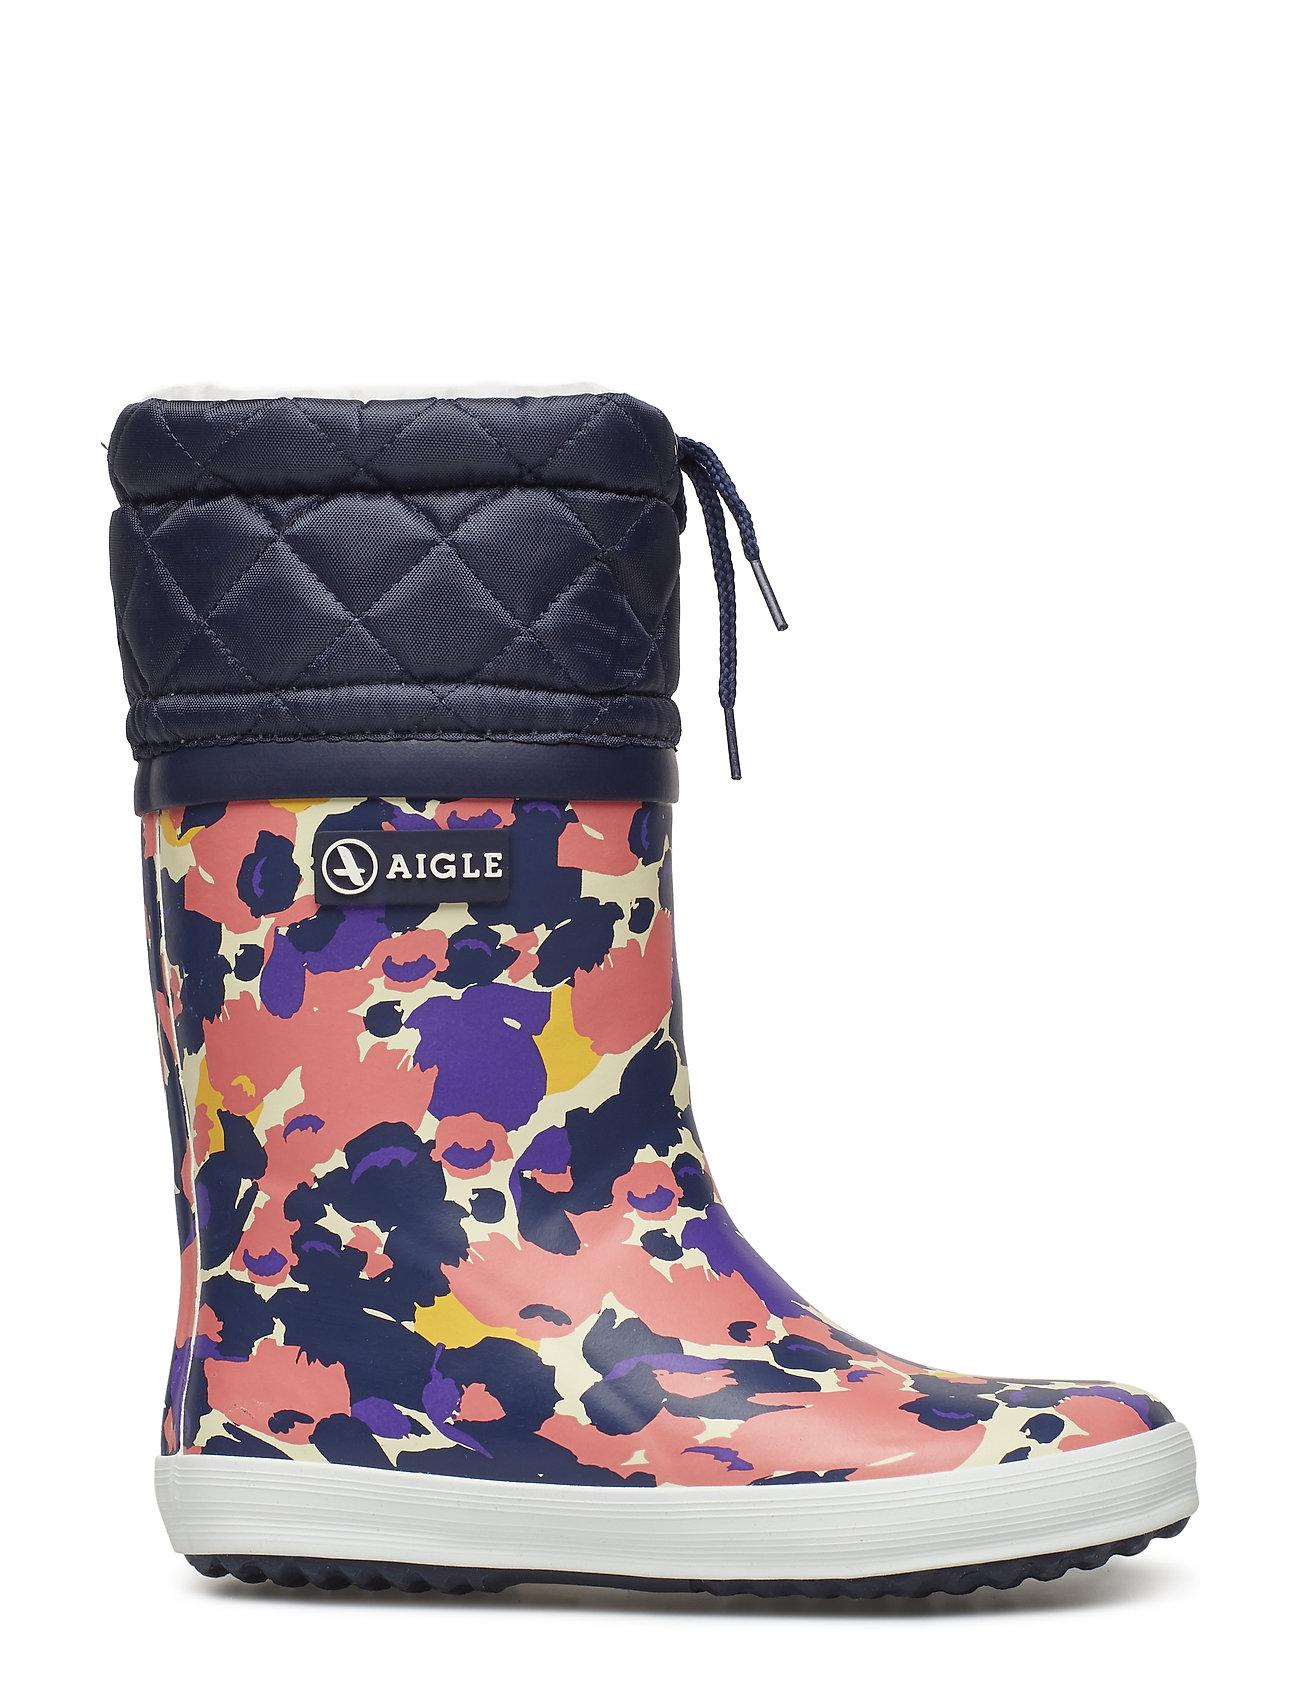 5b4971eebbd Ai Giboulee Print Flower gummistøvler fra Aigle til børn i FLOWER ...